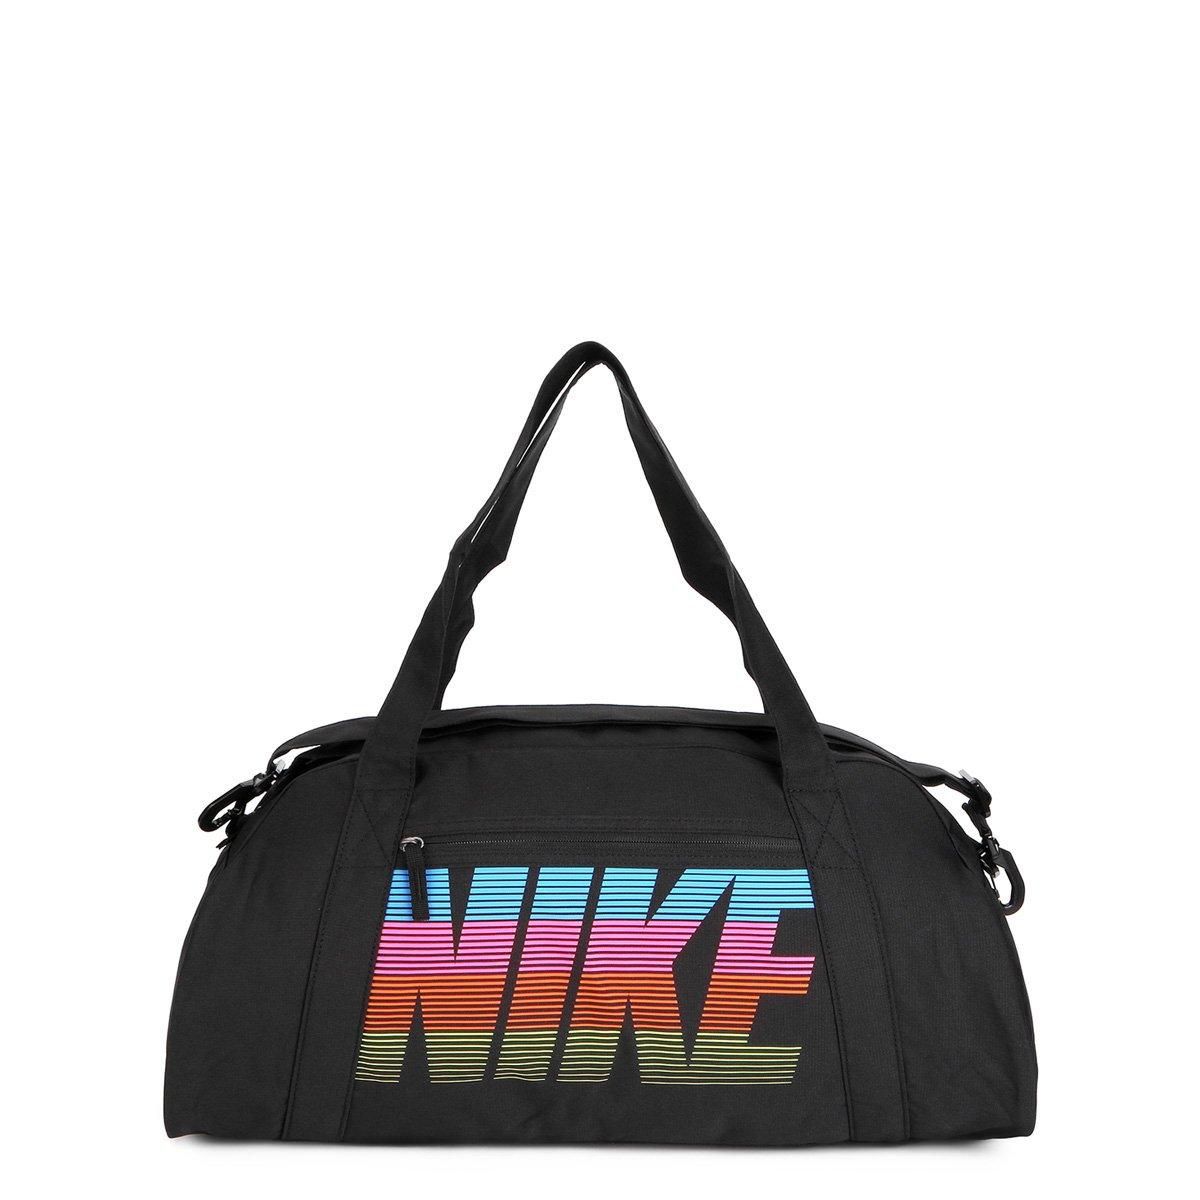 080dc17d0ec20 Bolsa Nike Gym Club Feminina - Preto e Rosa - Compre Agora